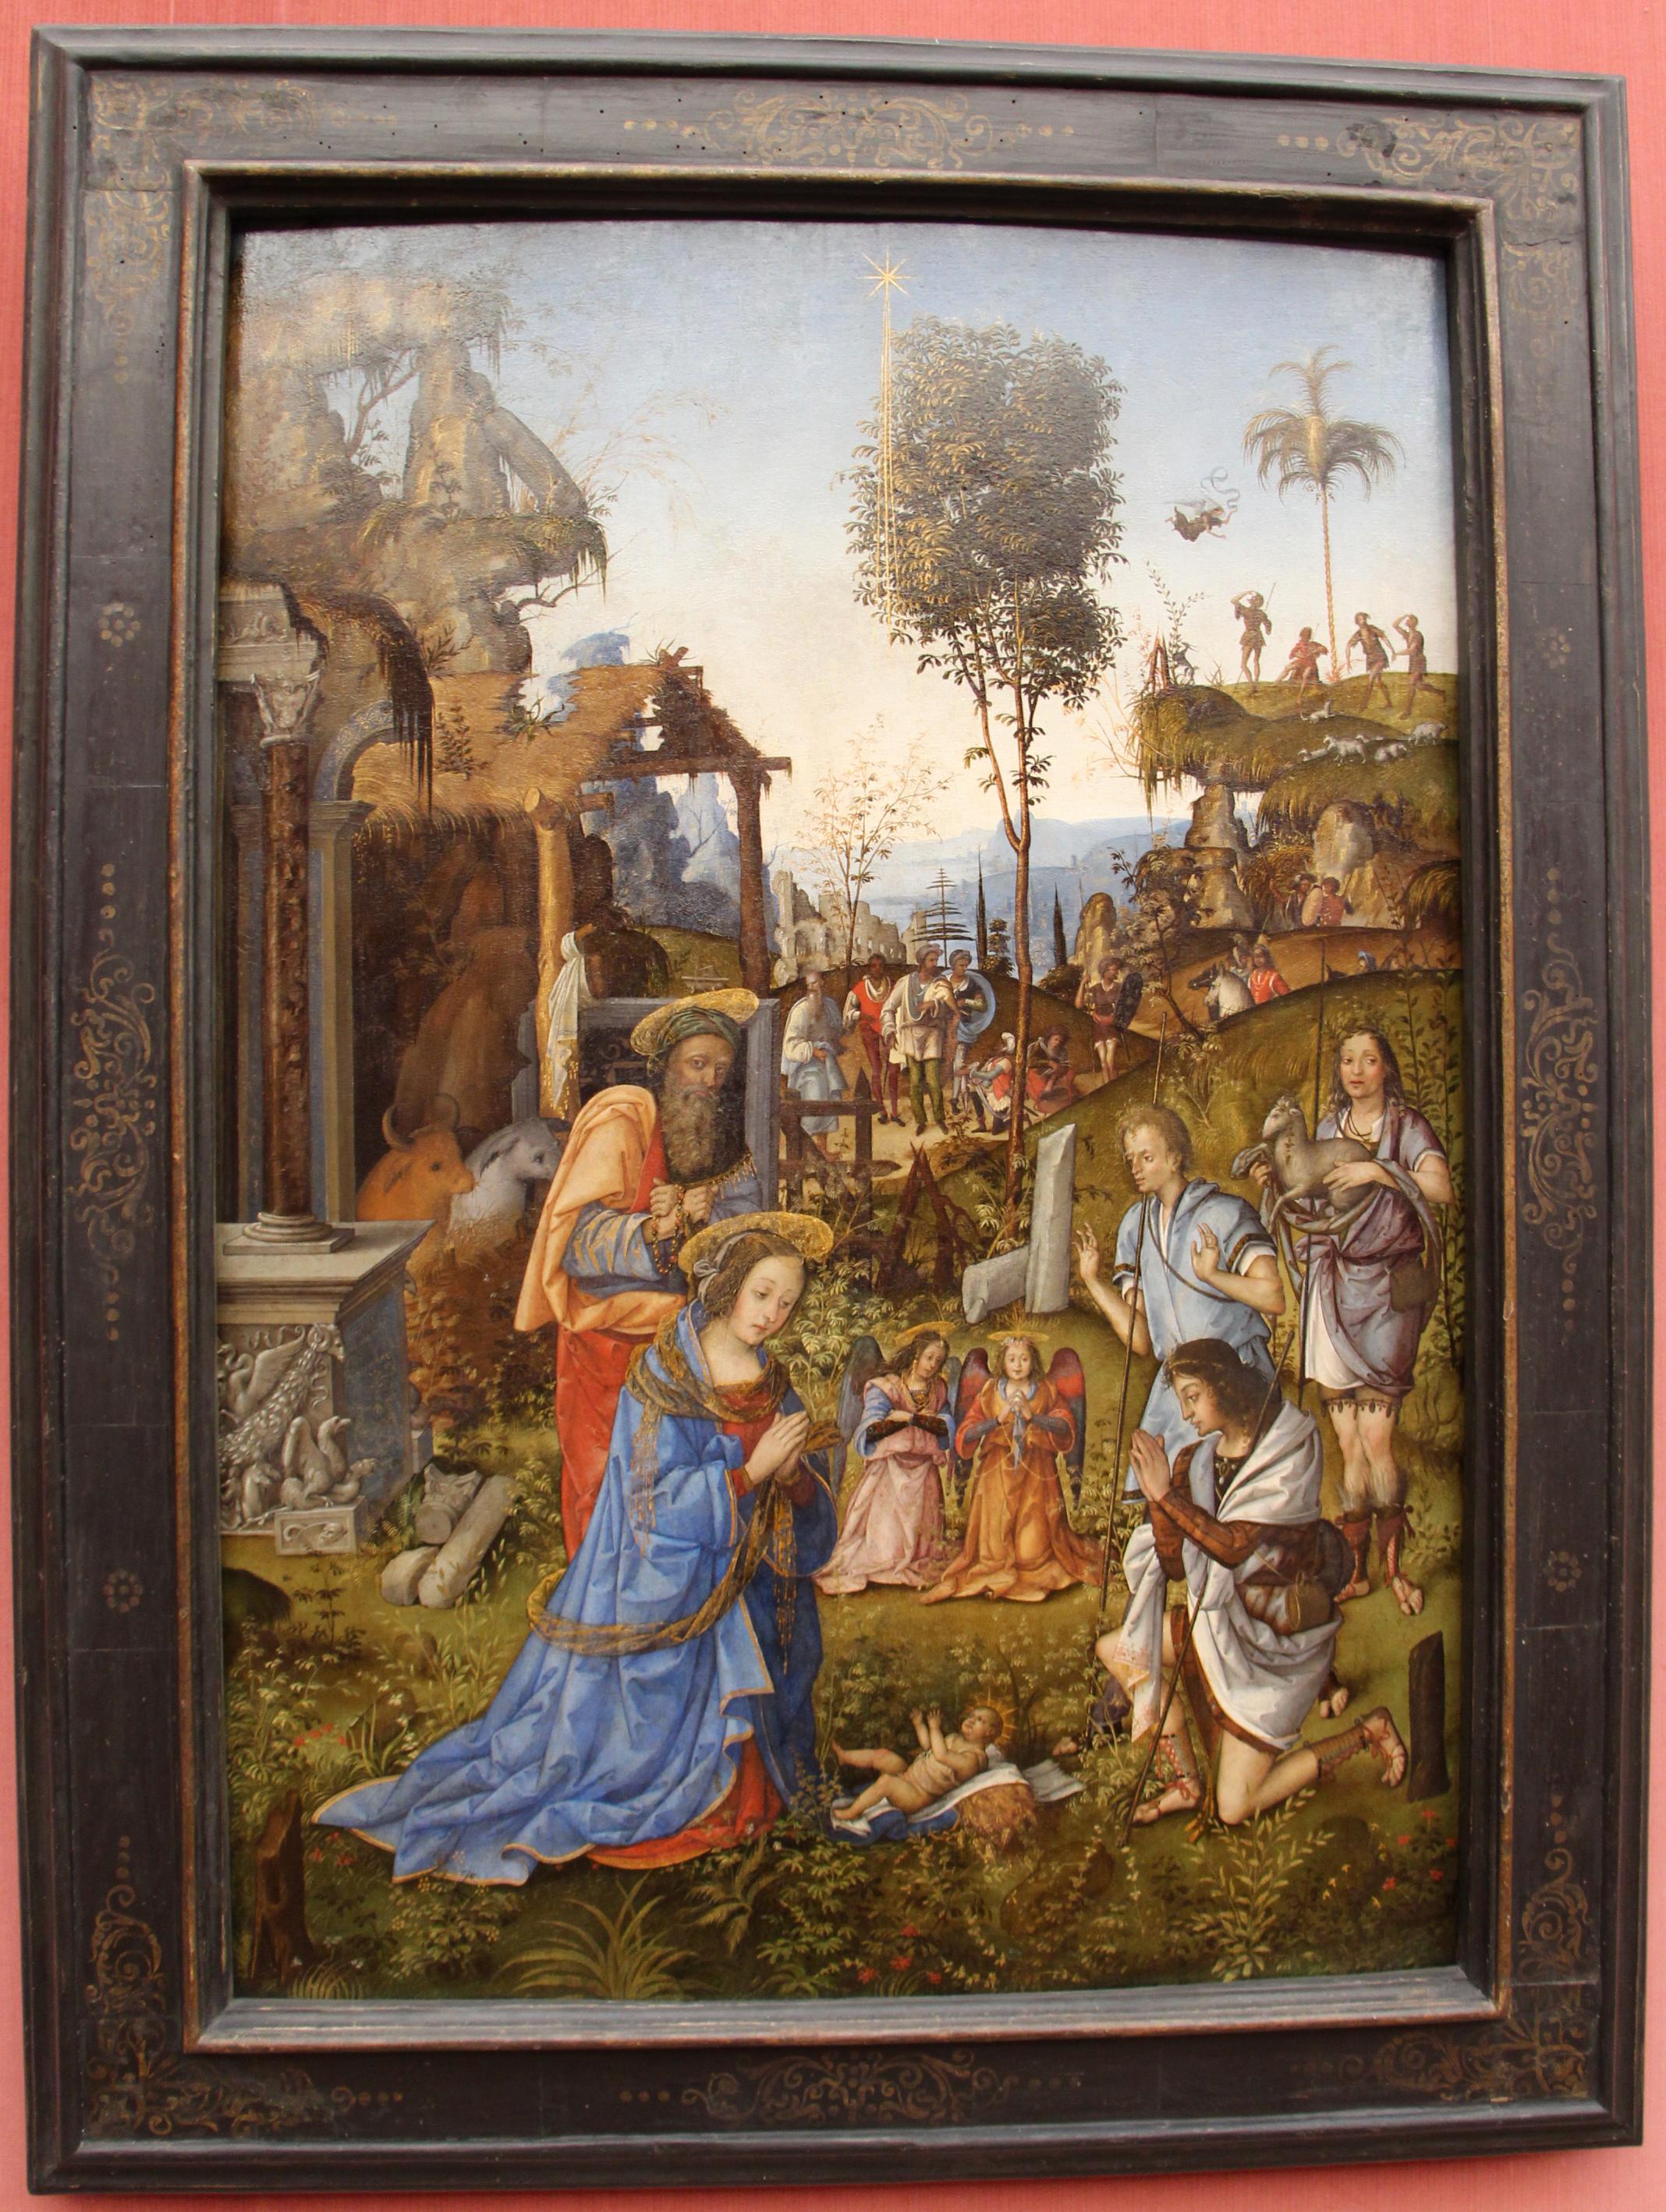 File:Amico aspertini, adorazione dei pastori, 1496 ca. 01.JPG